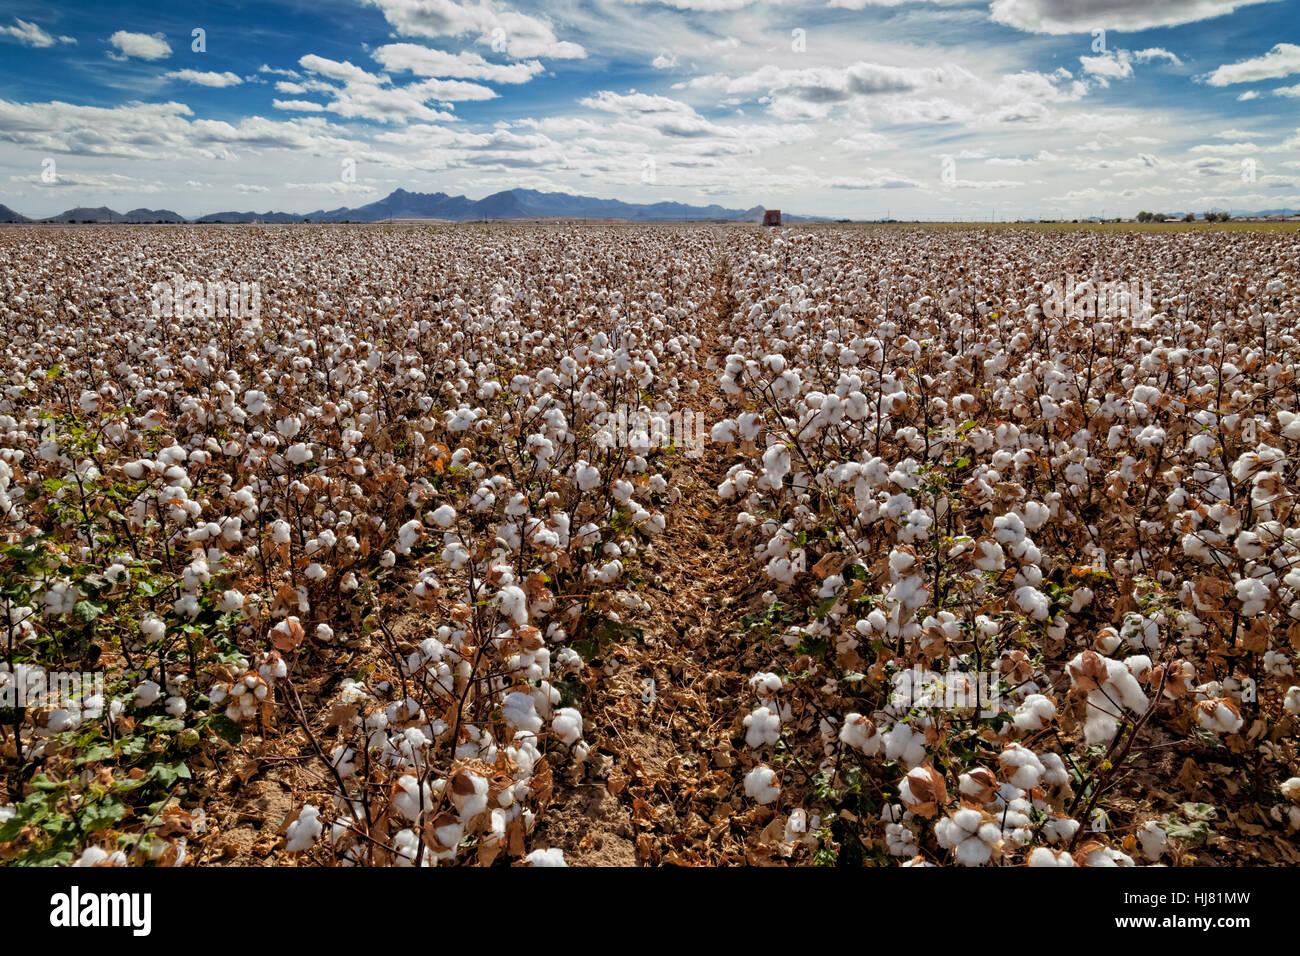 Cosecha de algodón - Agricultura - Marana, Arizona Imagen De Stock